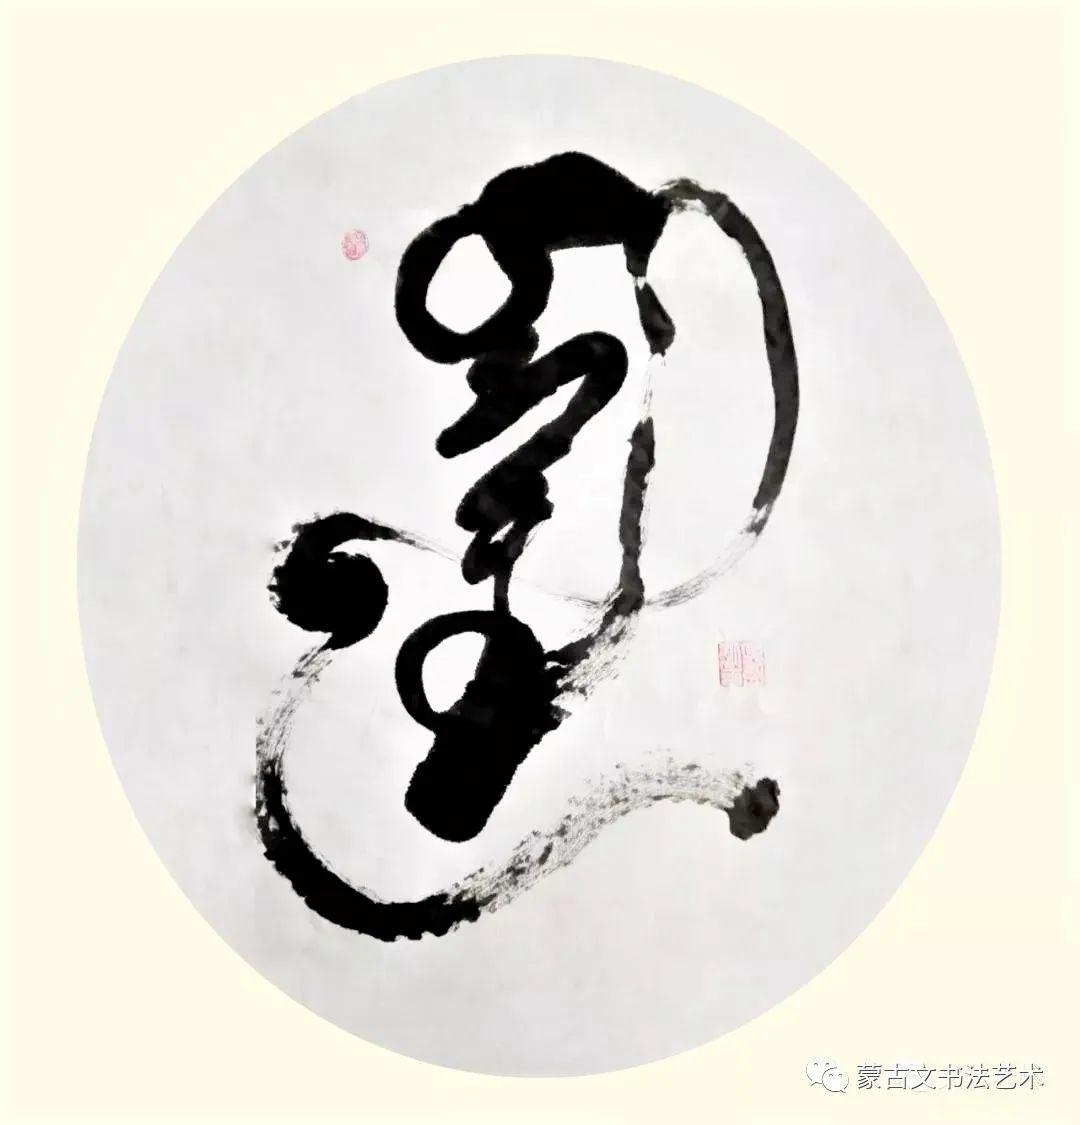 额尔敦巴图蒙古文书法 第3张